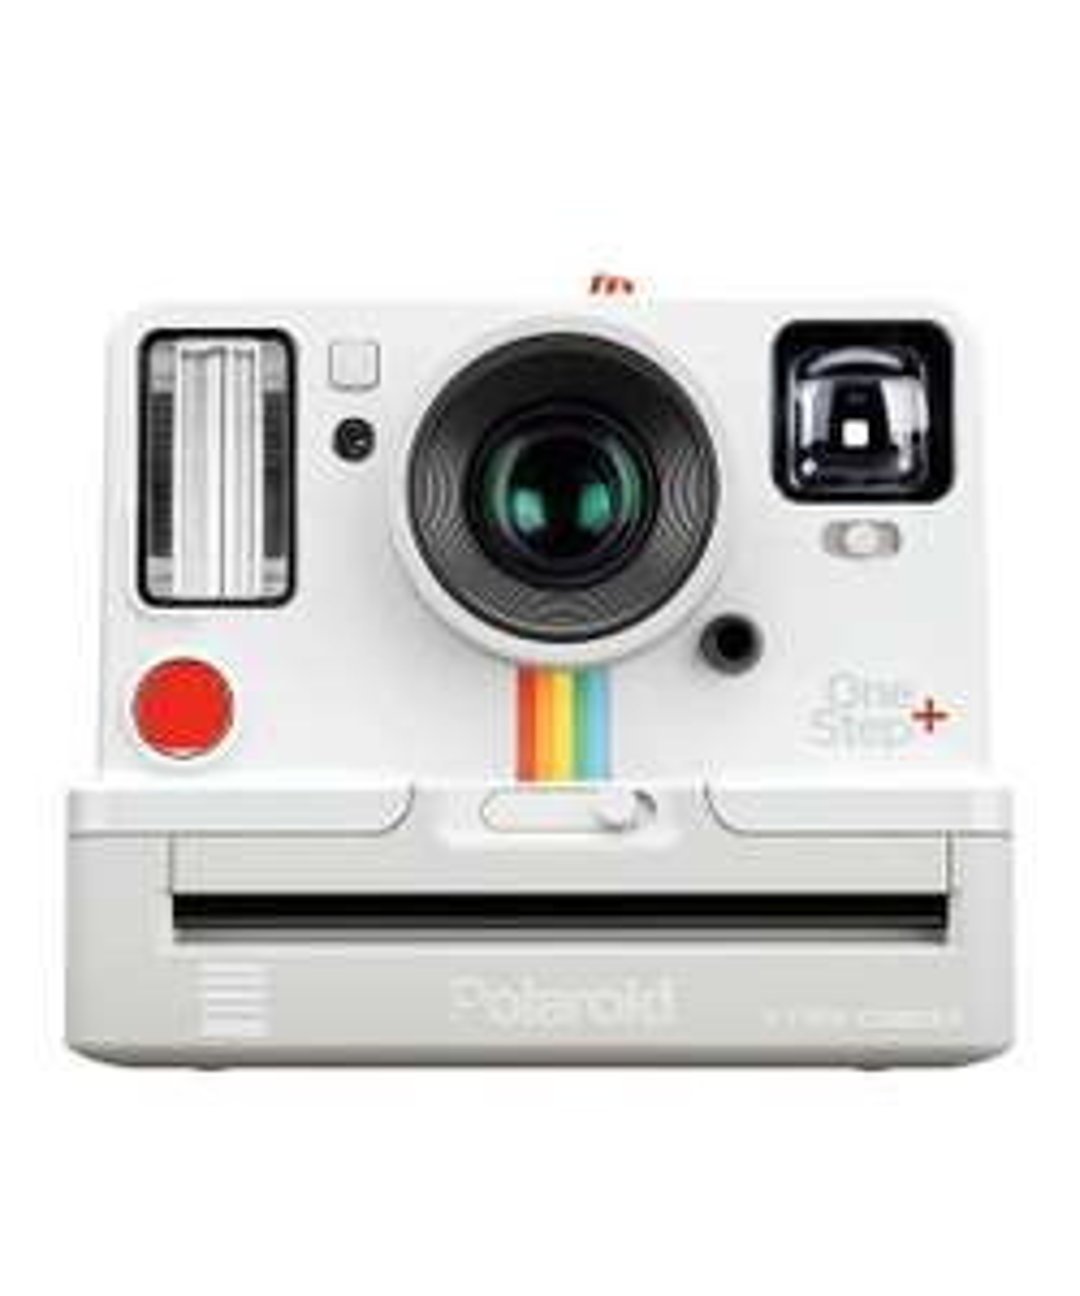 Appareil photo instantané Polaroid Originals - 9015 - OneStep + Blanc